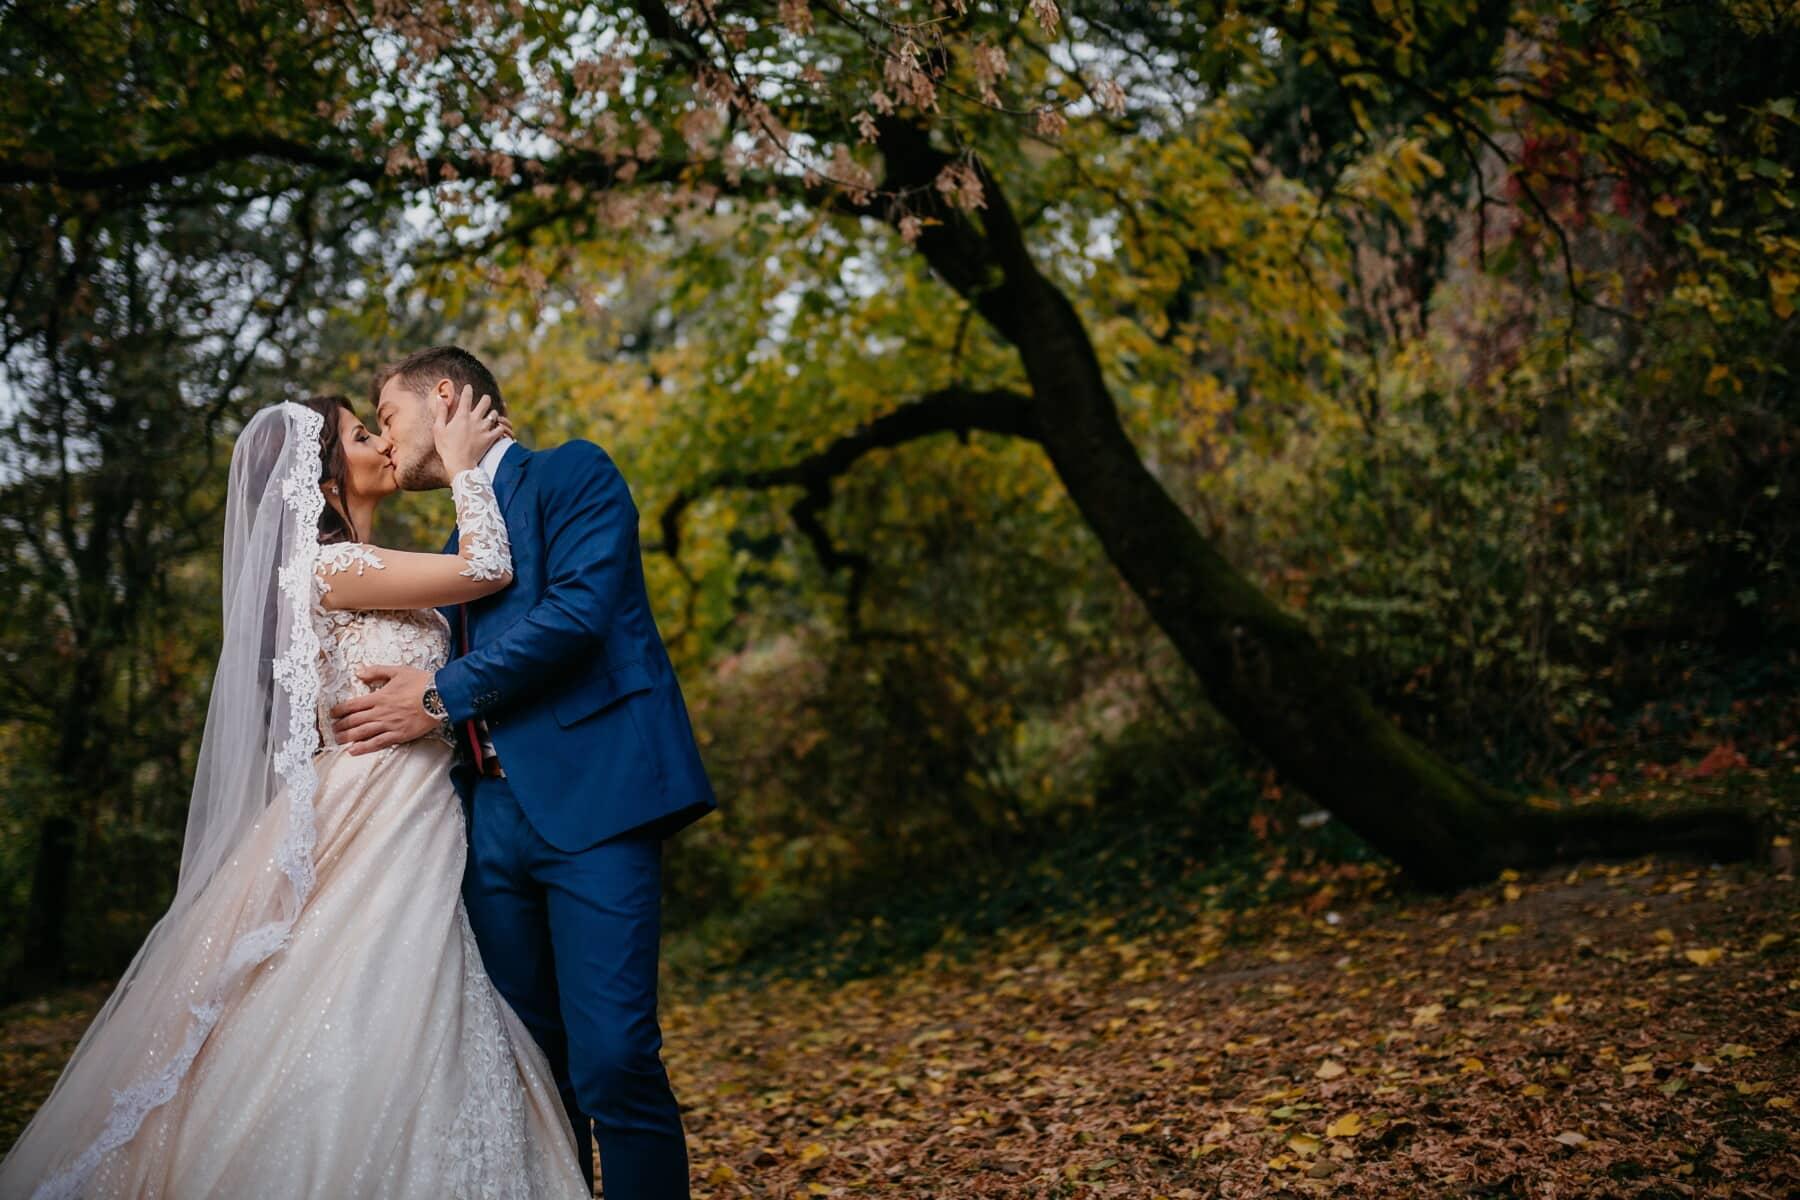 mireasa, sărut, romantice, mirele, rochie de mireasă, pădure, toamna, dragoste, logodna, fată